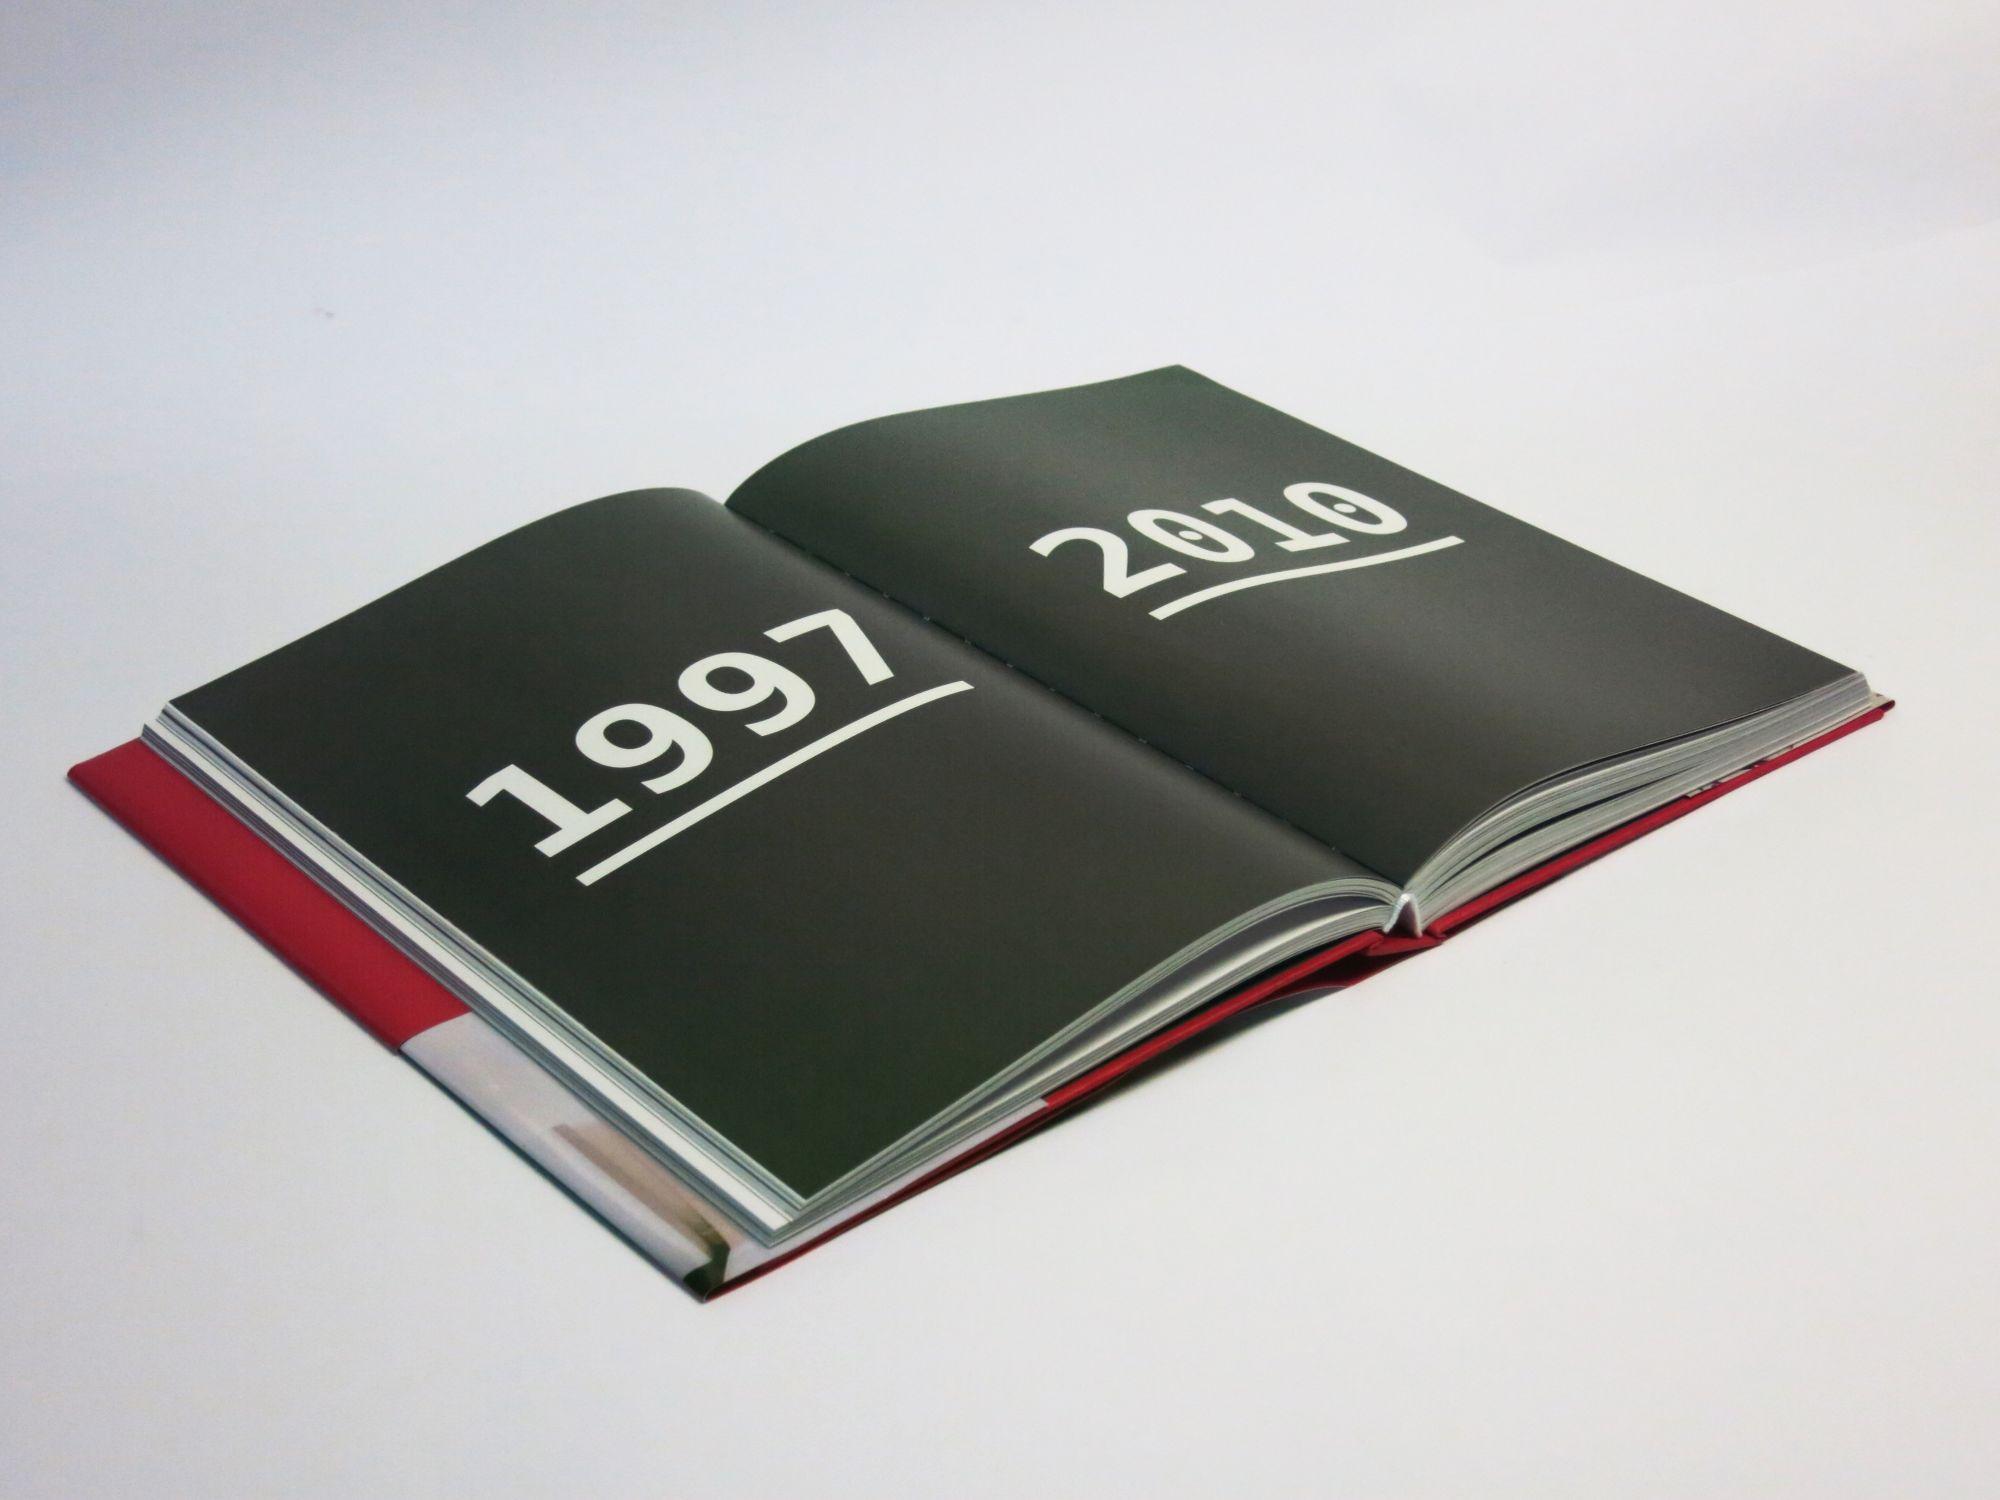 """Книга """"In progress"""" - пример печати от фамильной типографии Huss"""